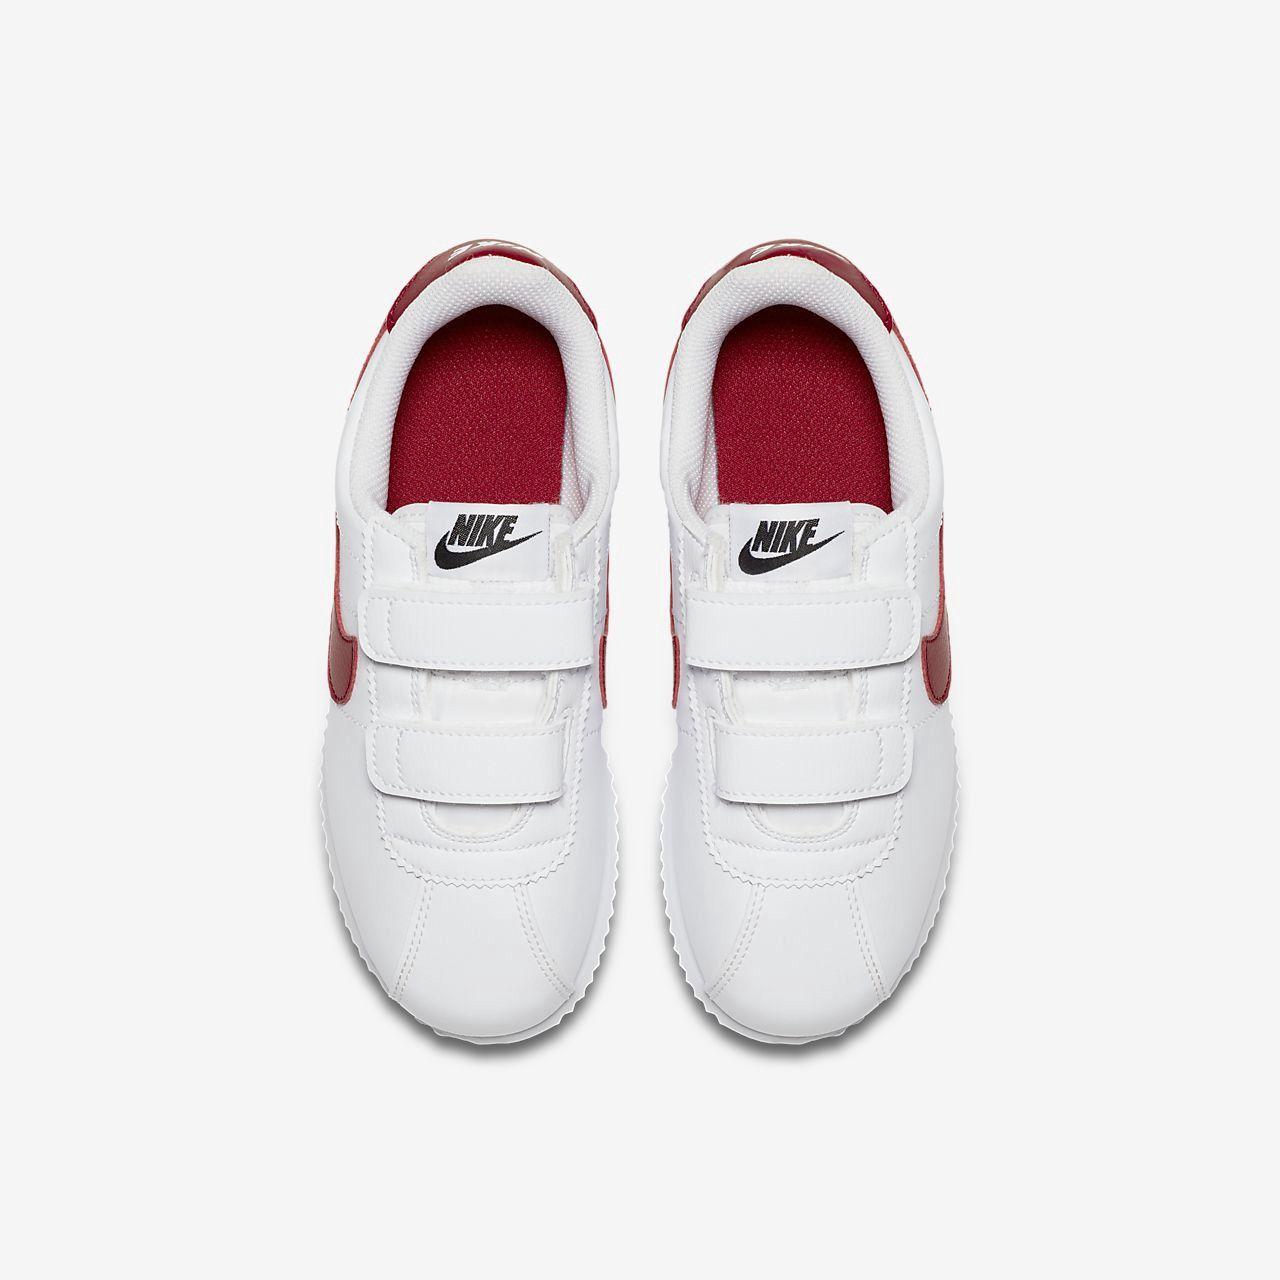 010983fc1 Nike Cortez Basic Sl Little Kids  Shoe - 1.5Y Red